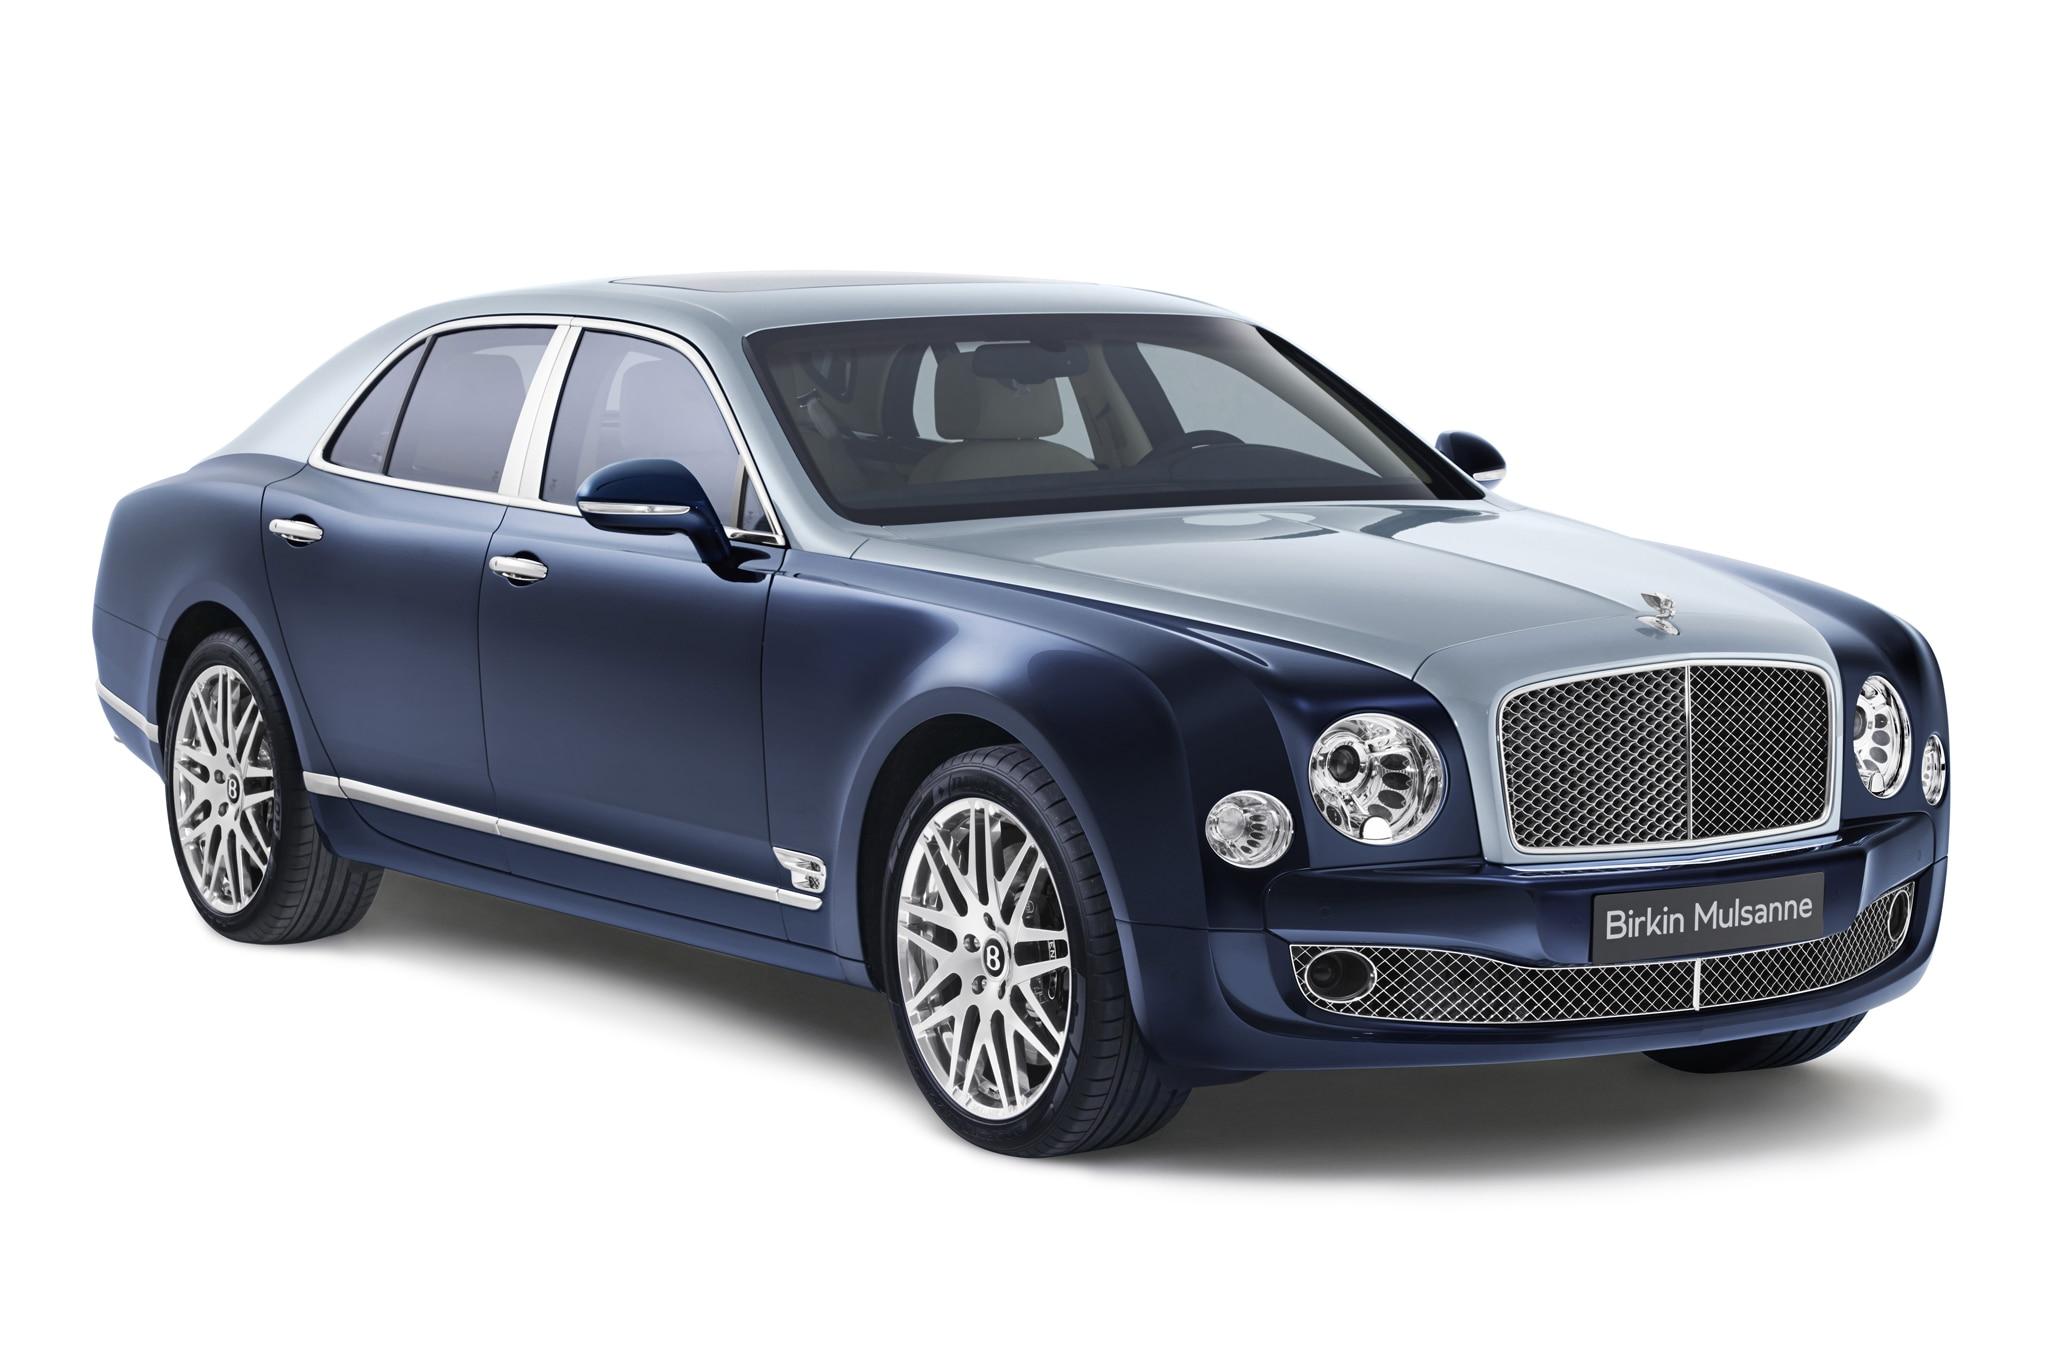 2014 Bentley Mulsanne Birkin Edition Dark Sapphire Front Three Quarters